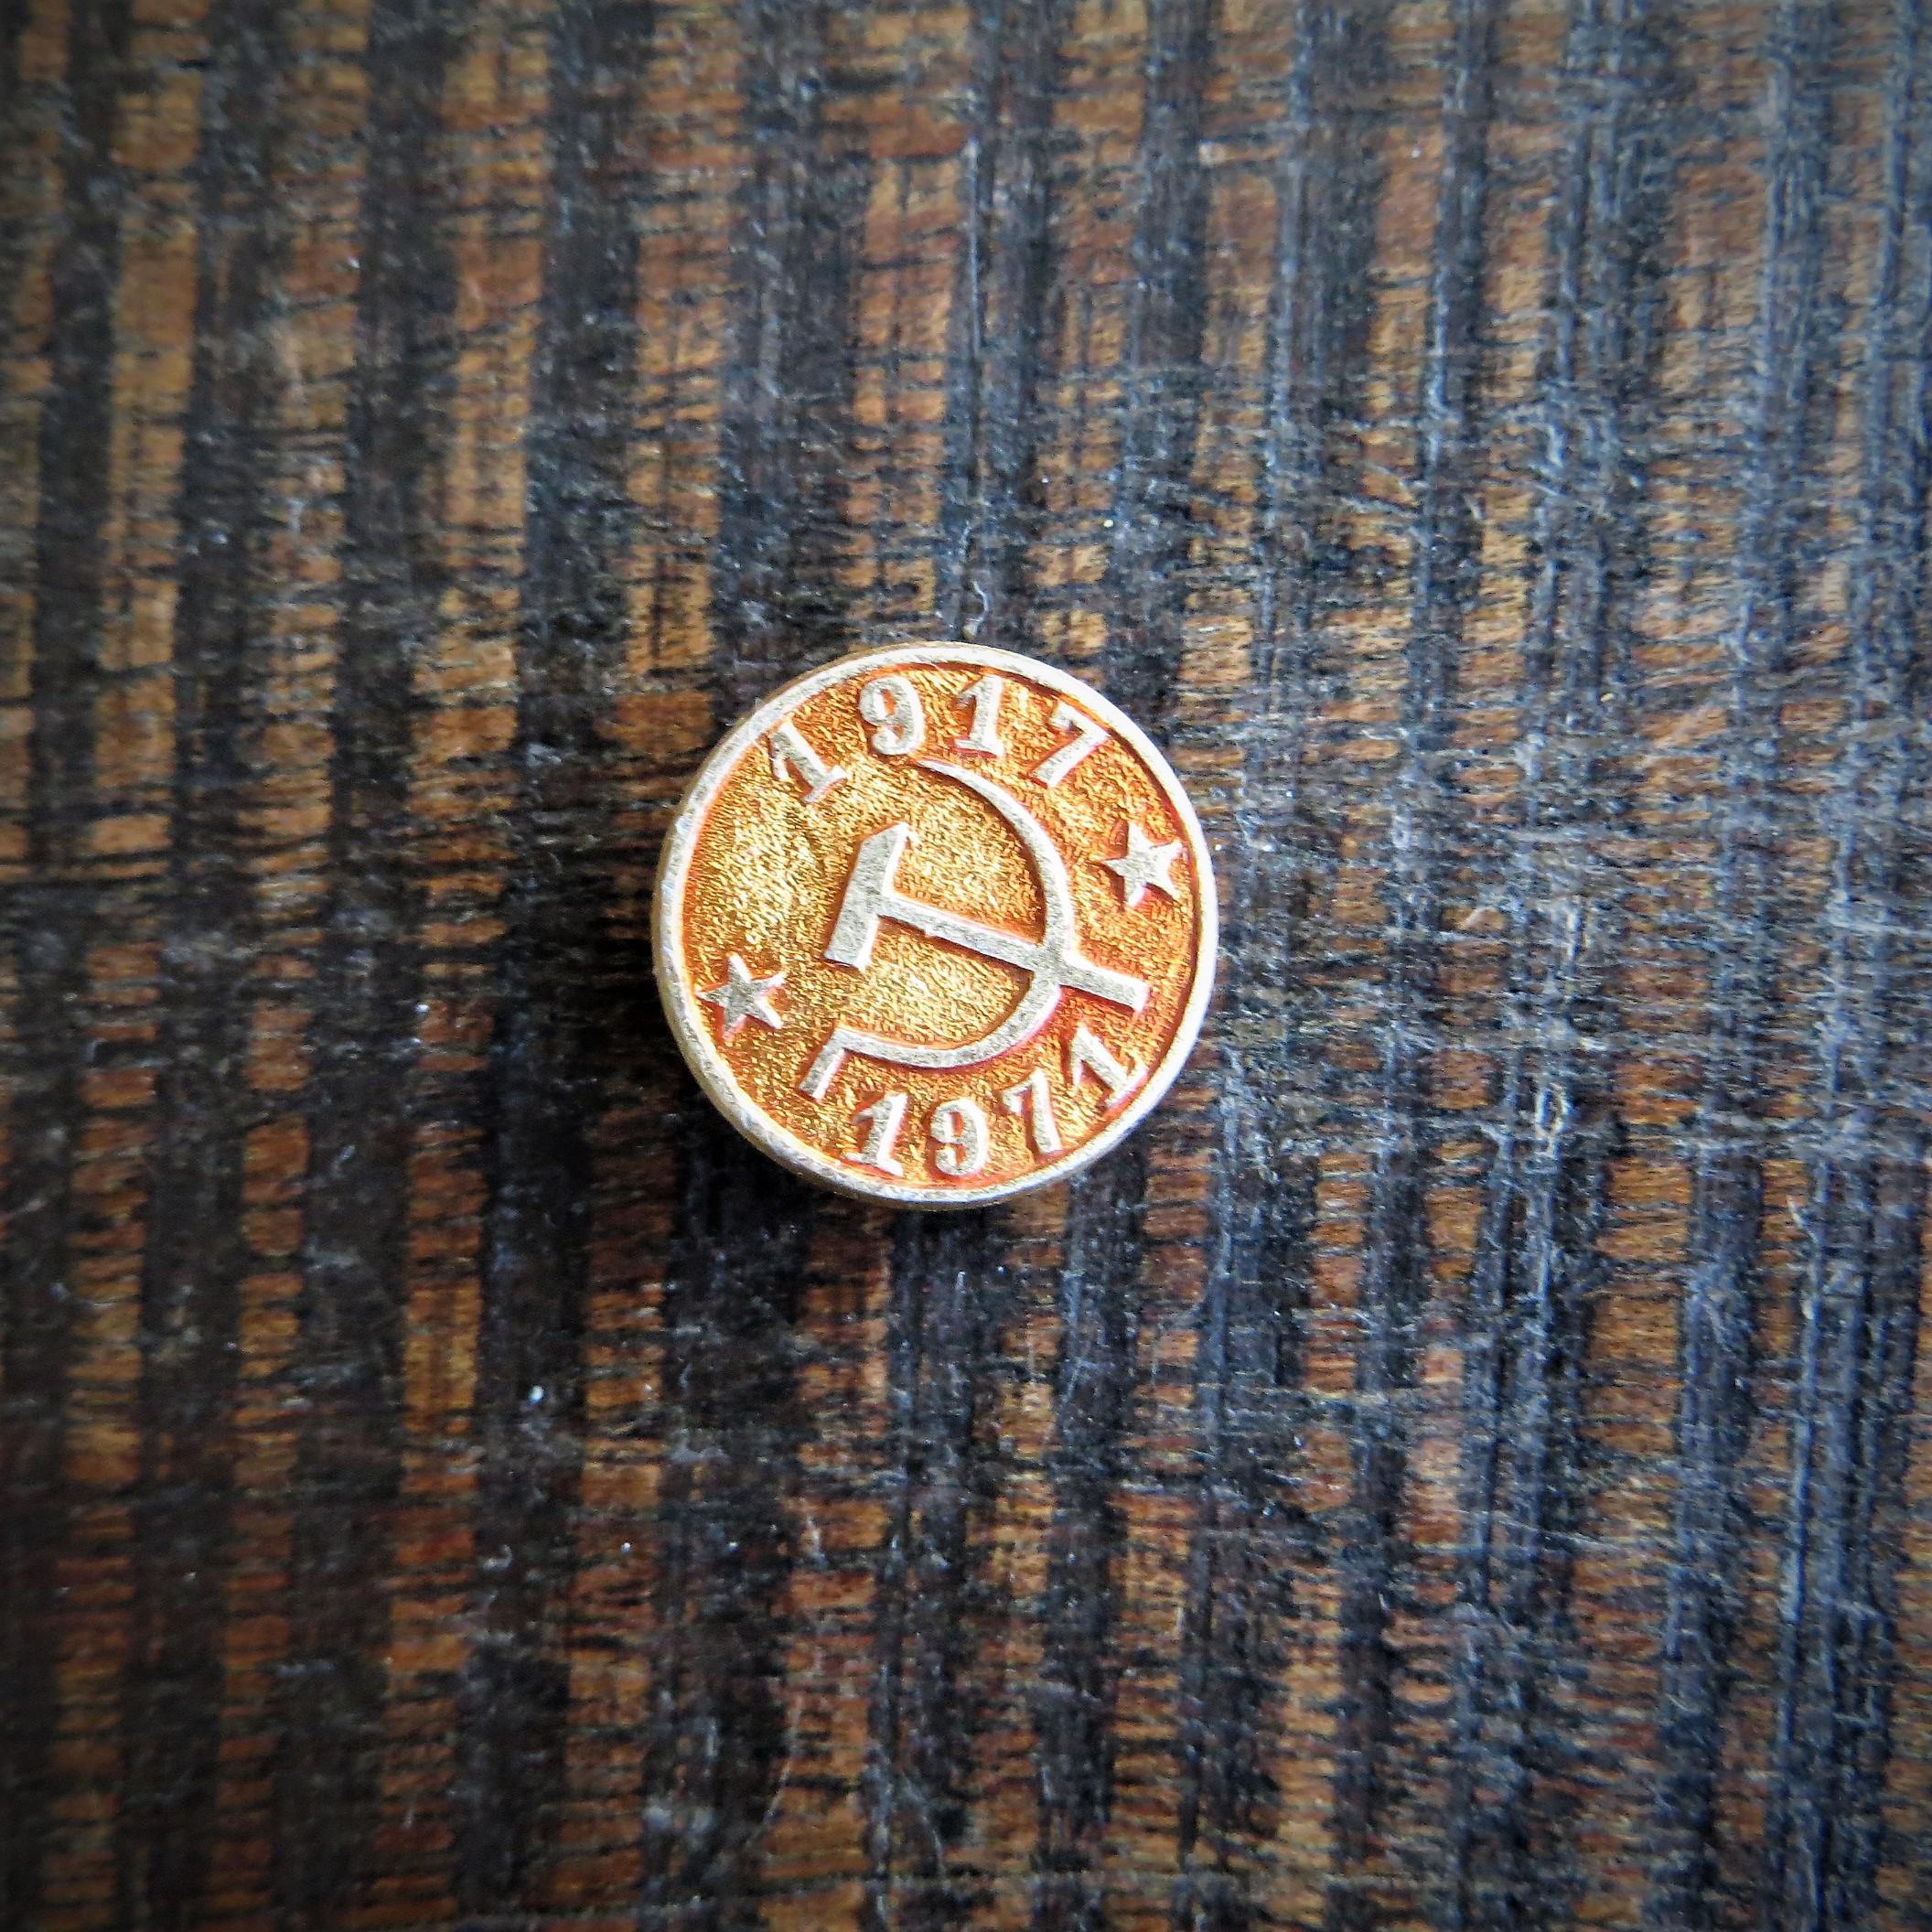 Pin 1917-1971